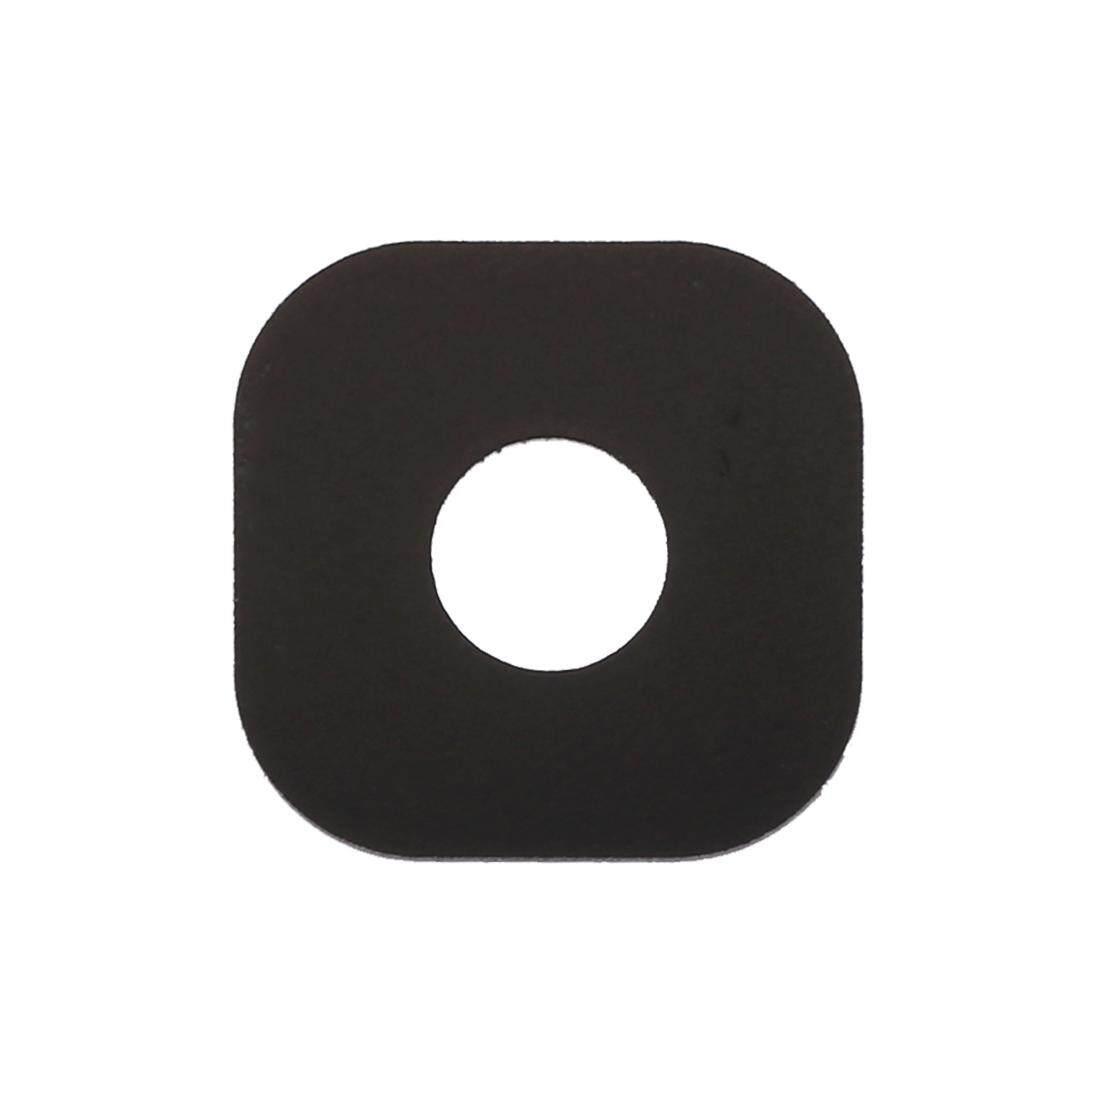 I Parts Beli ASUS ZenFone 3 Max (ZC553KL) Kembali Lensa Kamera-Intl